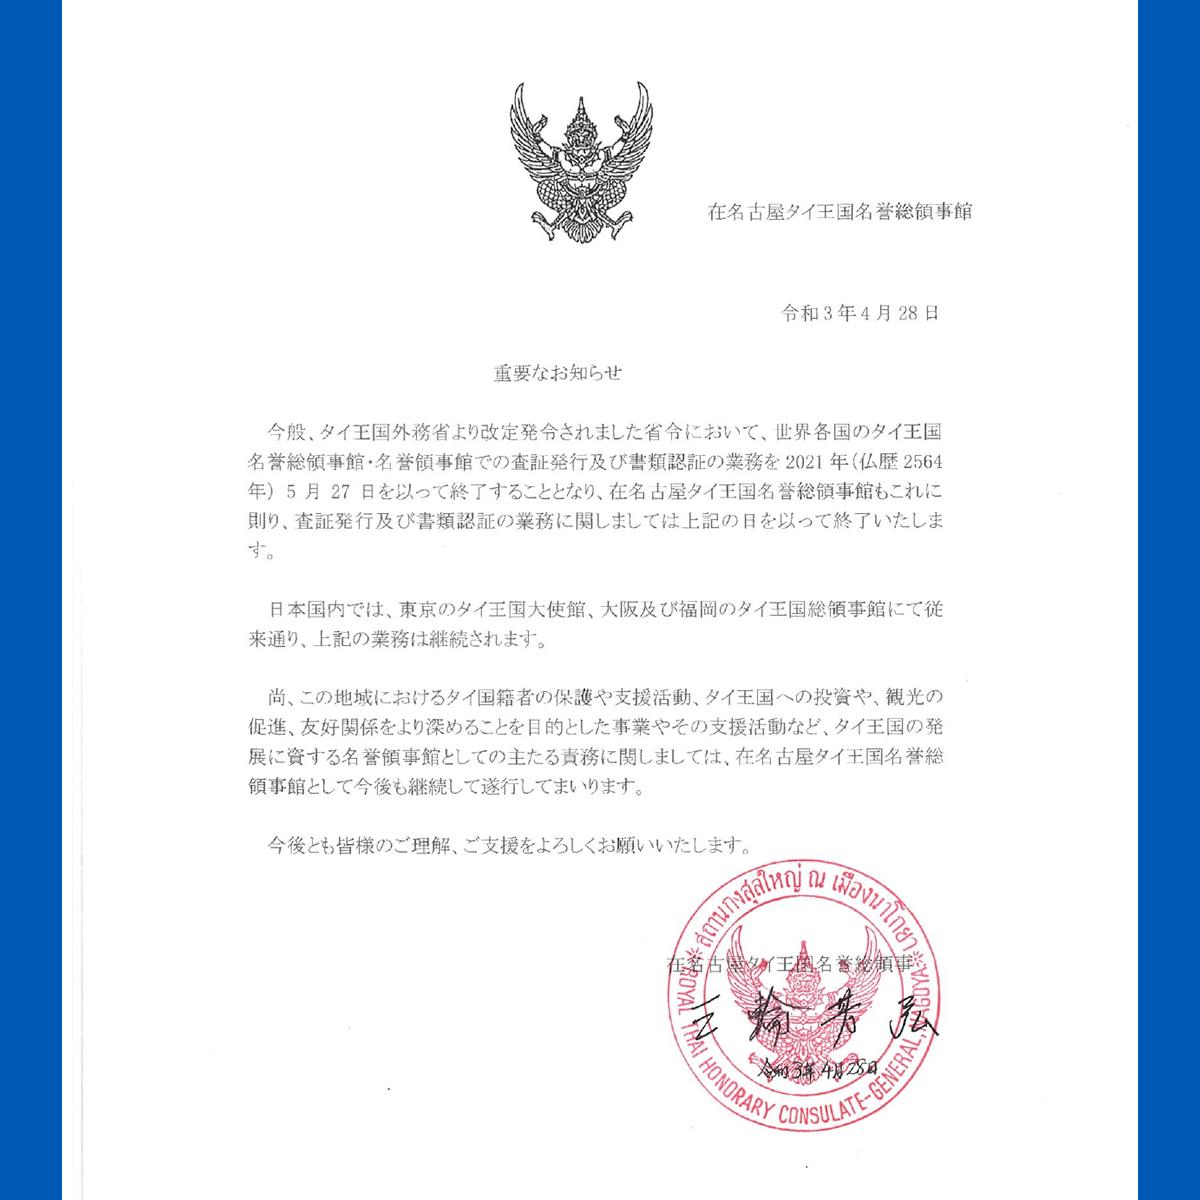 在名古屋タイ王国名誉総領事館、査証発行と書類認証の業務終了へ